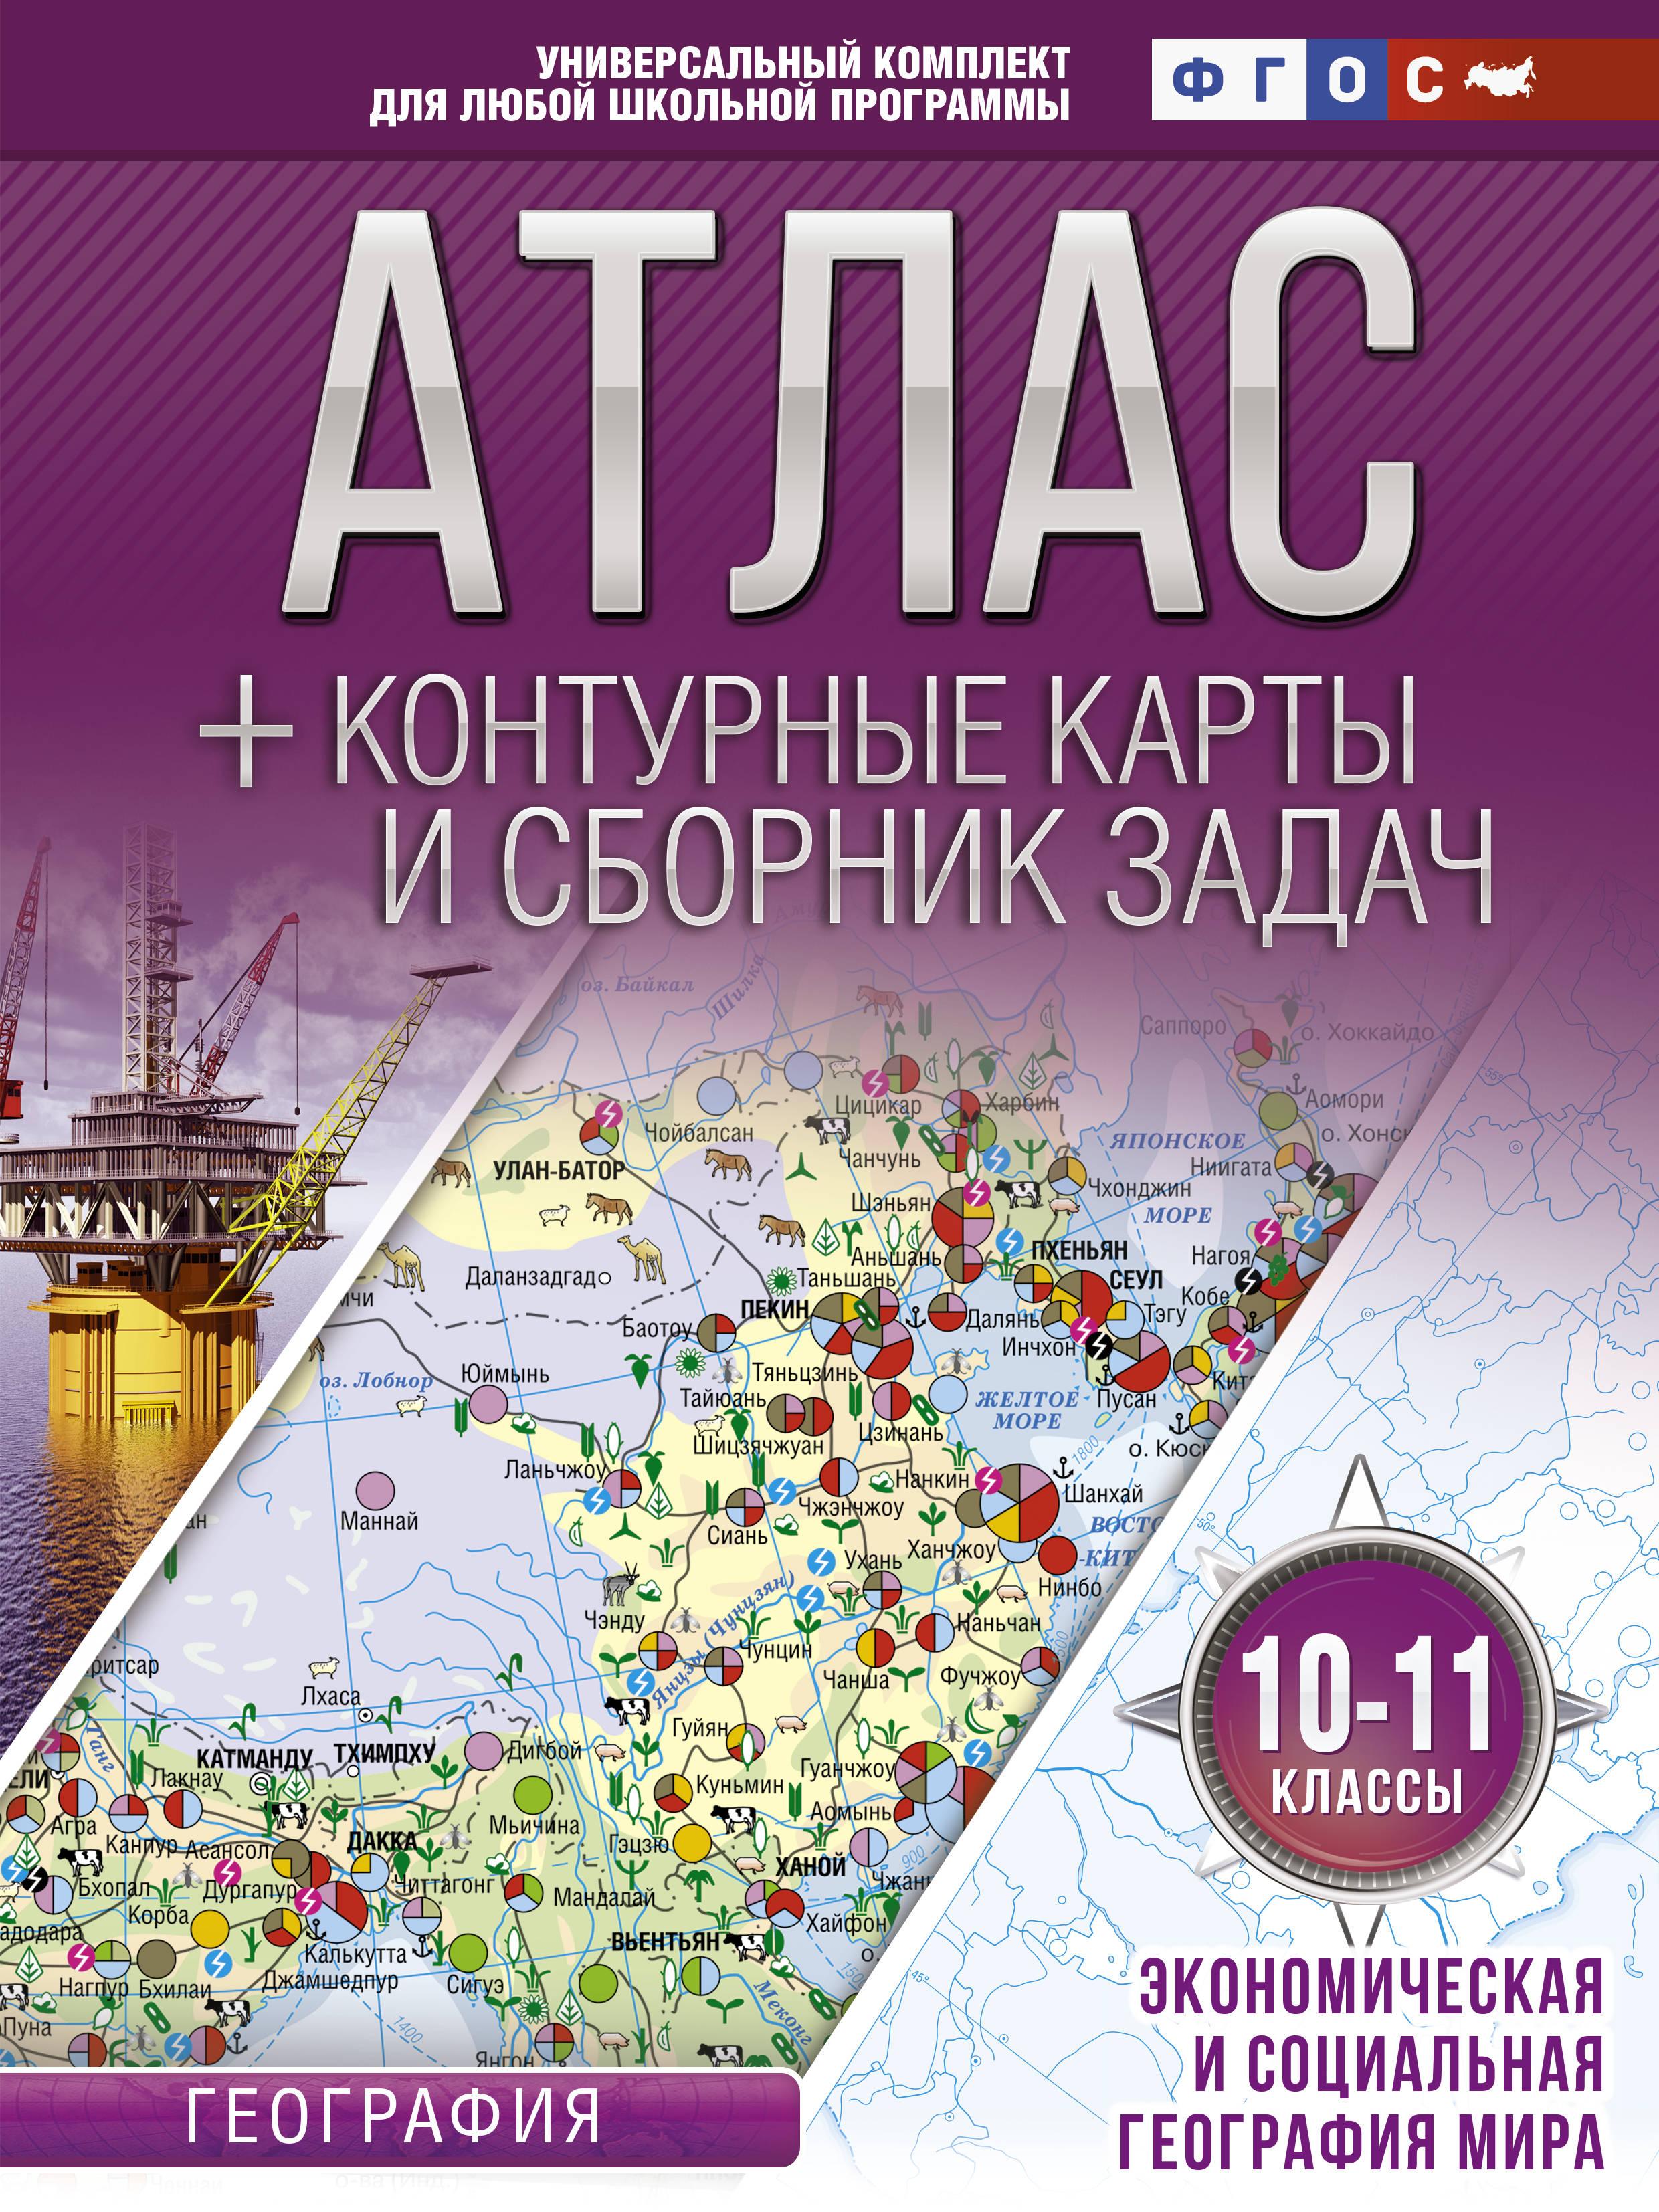 Атлас + контурные карты 10-11 классы. Экономическая и социальная география мира. ФГОС (с Крымом) от book24.ru